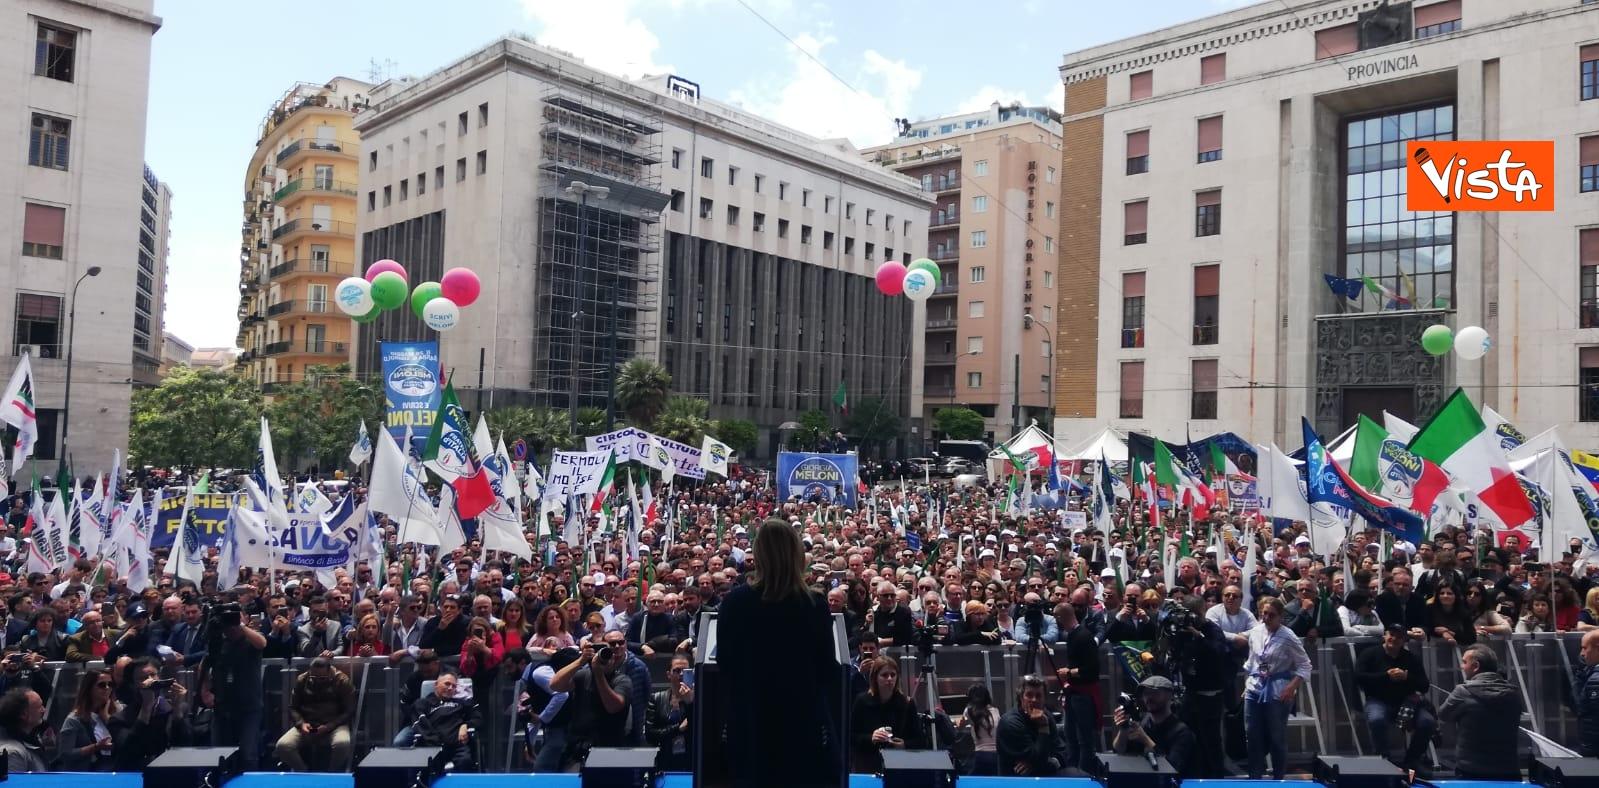 19-05-19  Europee Meloni chiude campagna elettorale a Napoli il comizio in piazza Matteotti_02